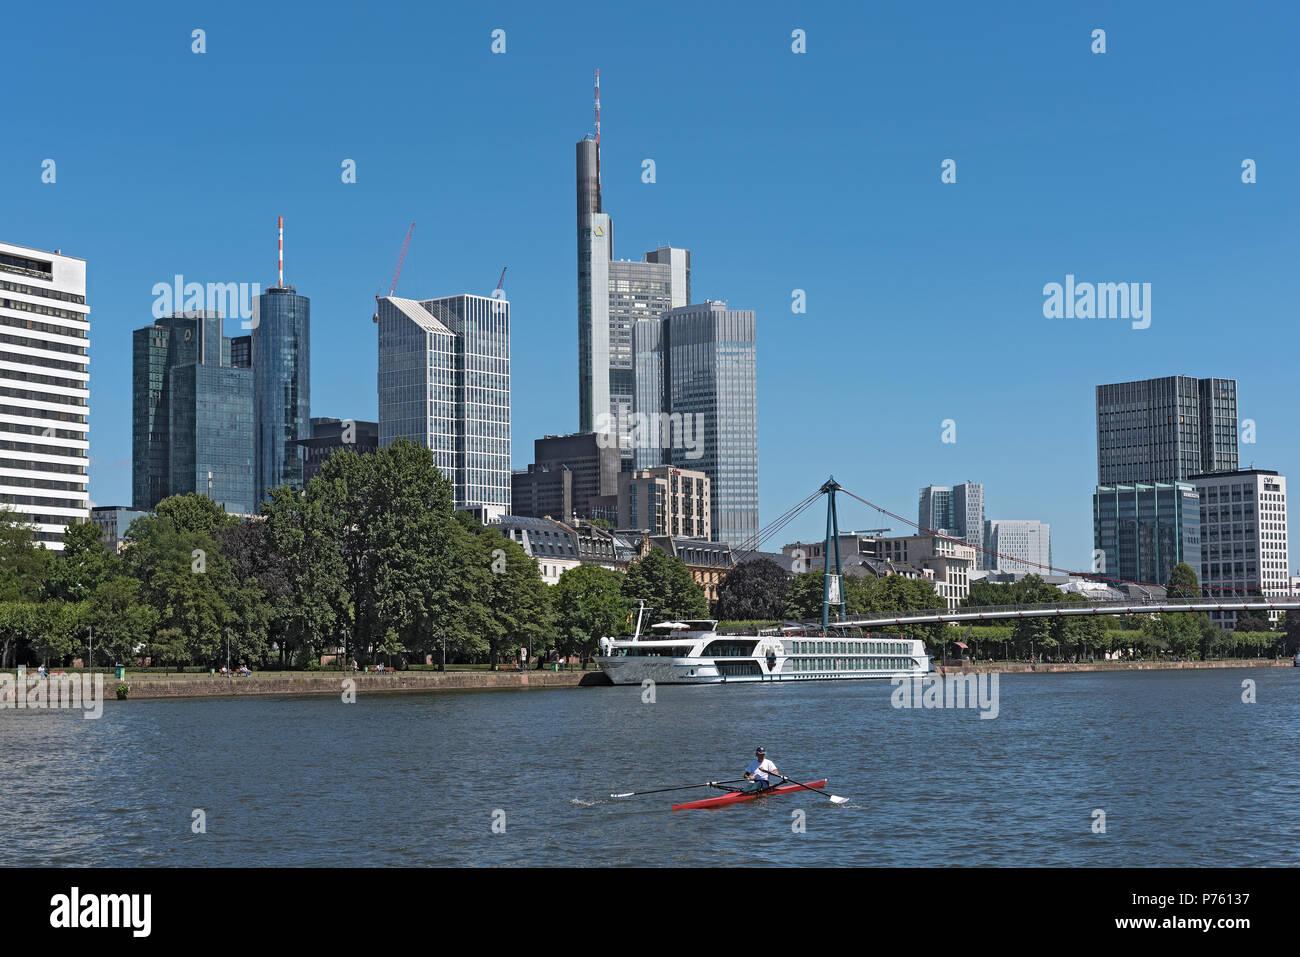 Vogatore in rosso barca sul fiume principale nella parte anteriore della skyline, Francoforte, Germania Immagini Stock